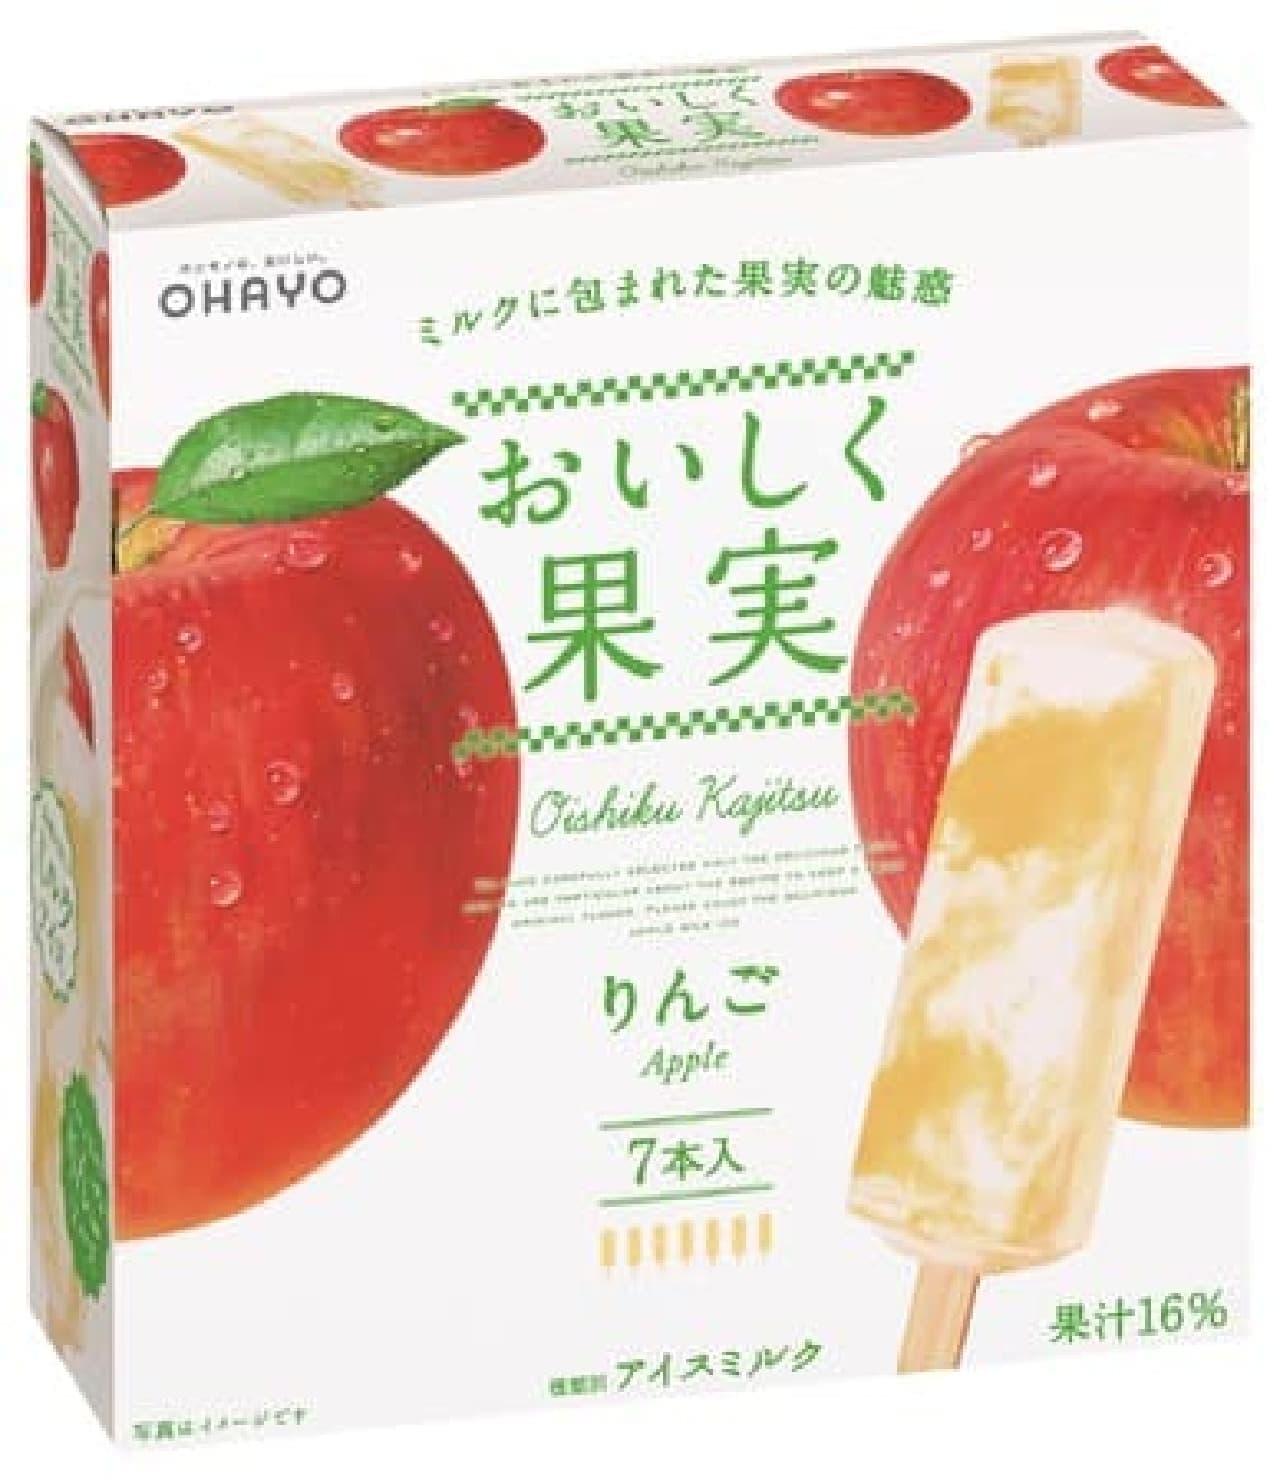 オハヨー乳業「おいしく果実 りんご」